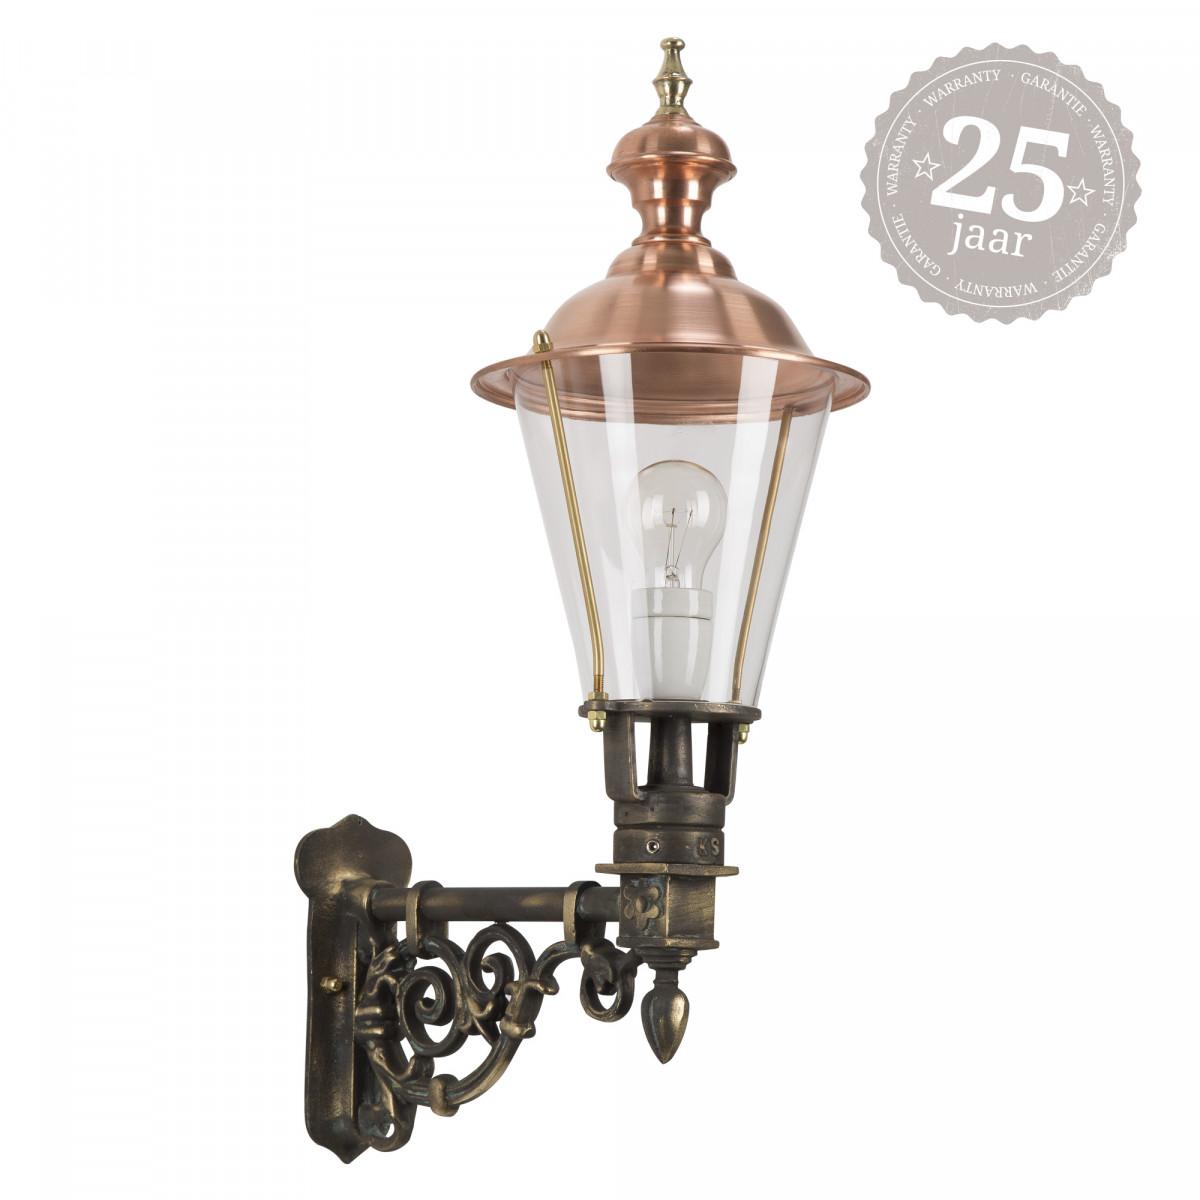 Bronzen buitenlamp Waldburg 7219